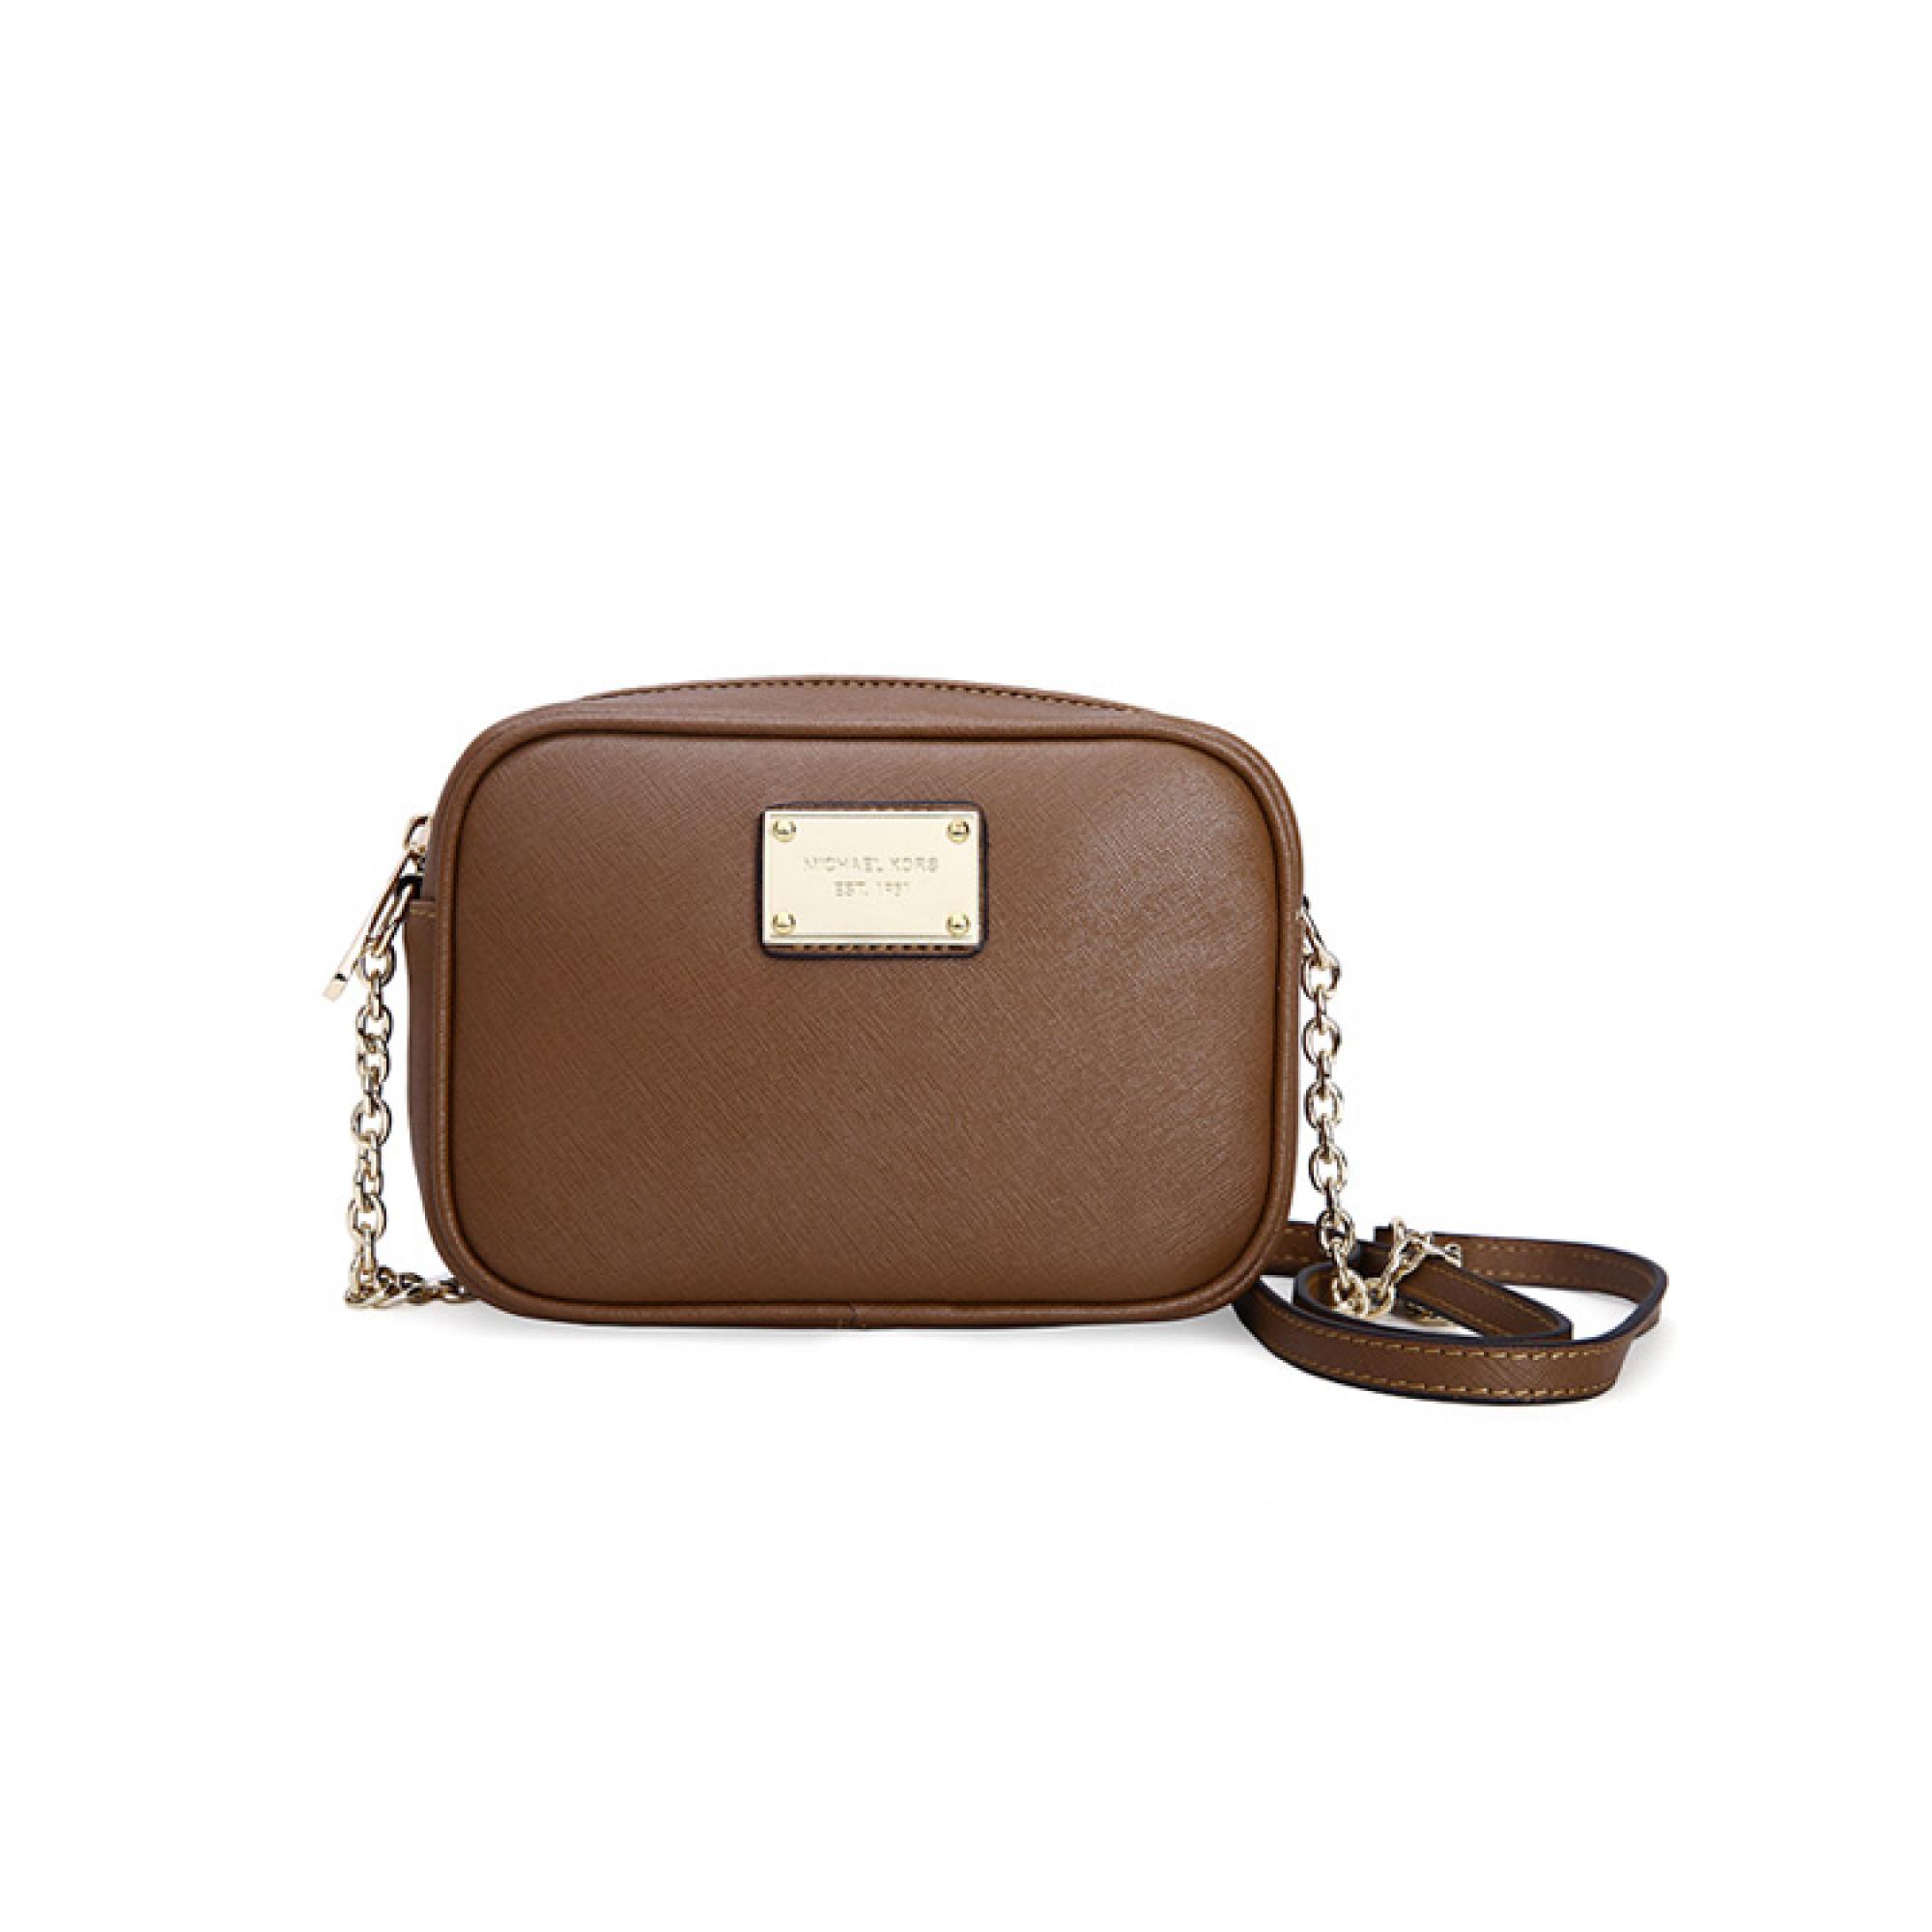 5d6a0c9dd8c0 Купить маленькая сумка Michael Kors коричневого цвета — в Киеве, код ...